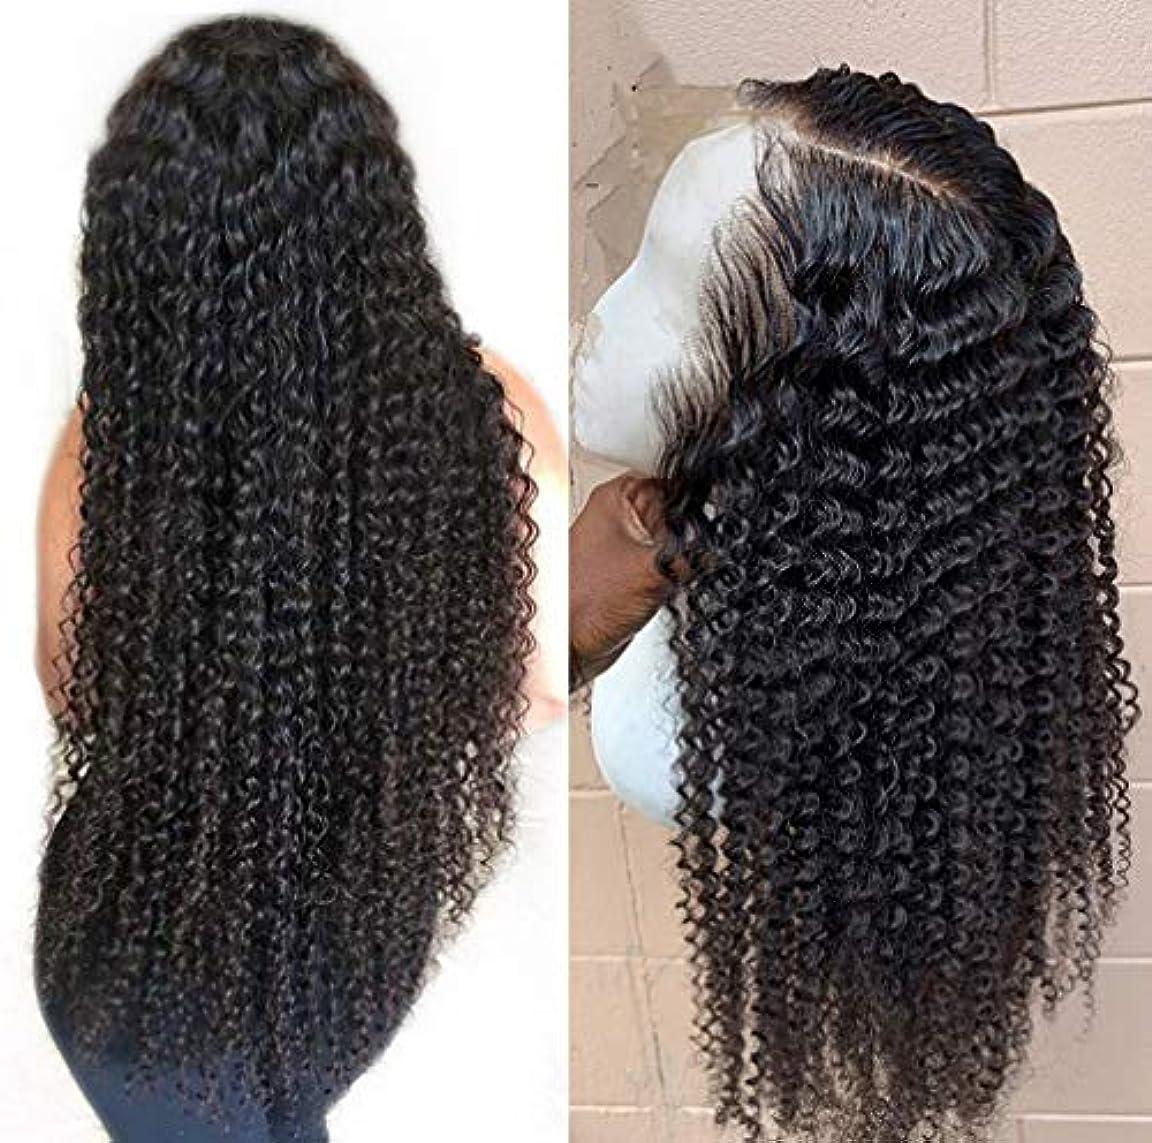 押し下げる警告する恩赦女性13 * 6レースフロントかつらブラジル人間の髪水波ペルーバージン人間の髪調節可能なかつらベビーヘア